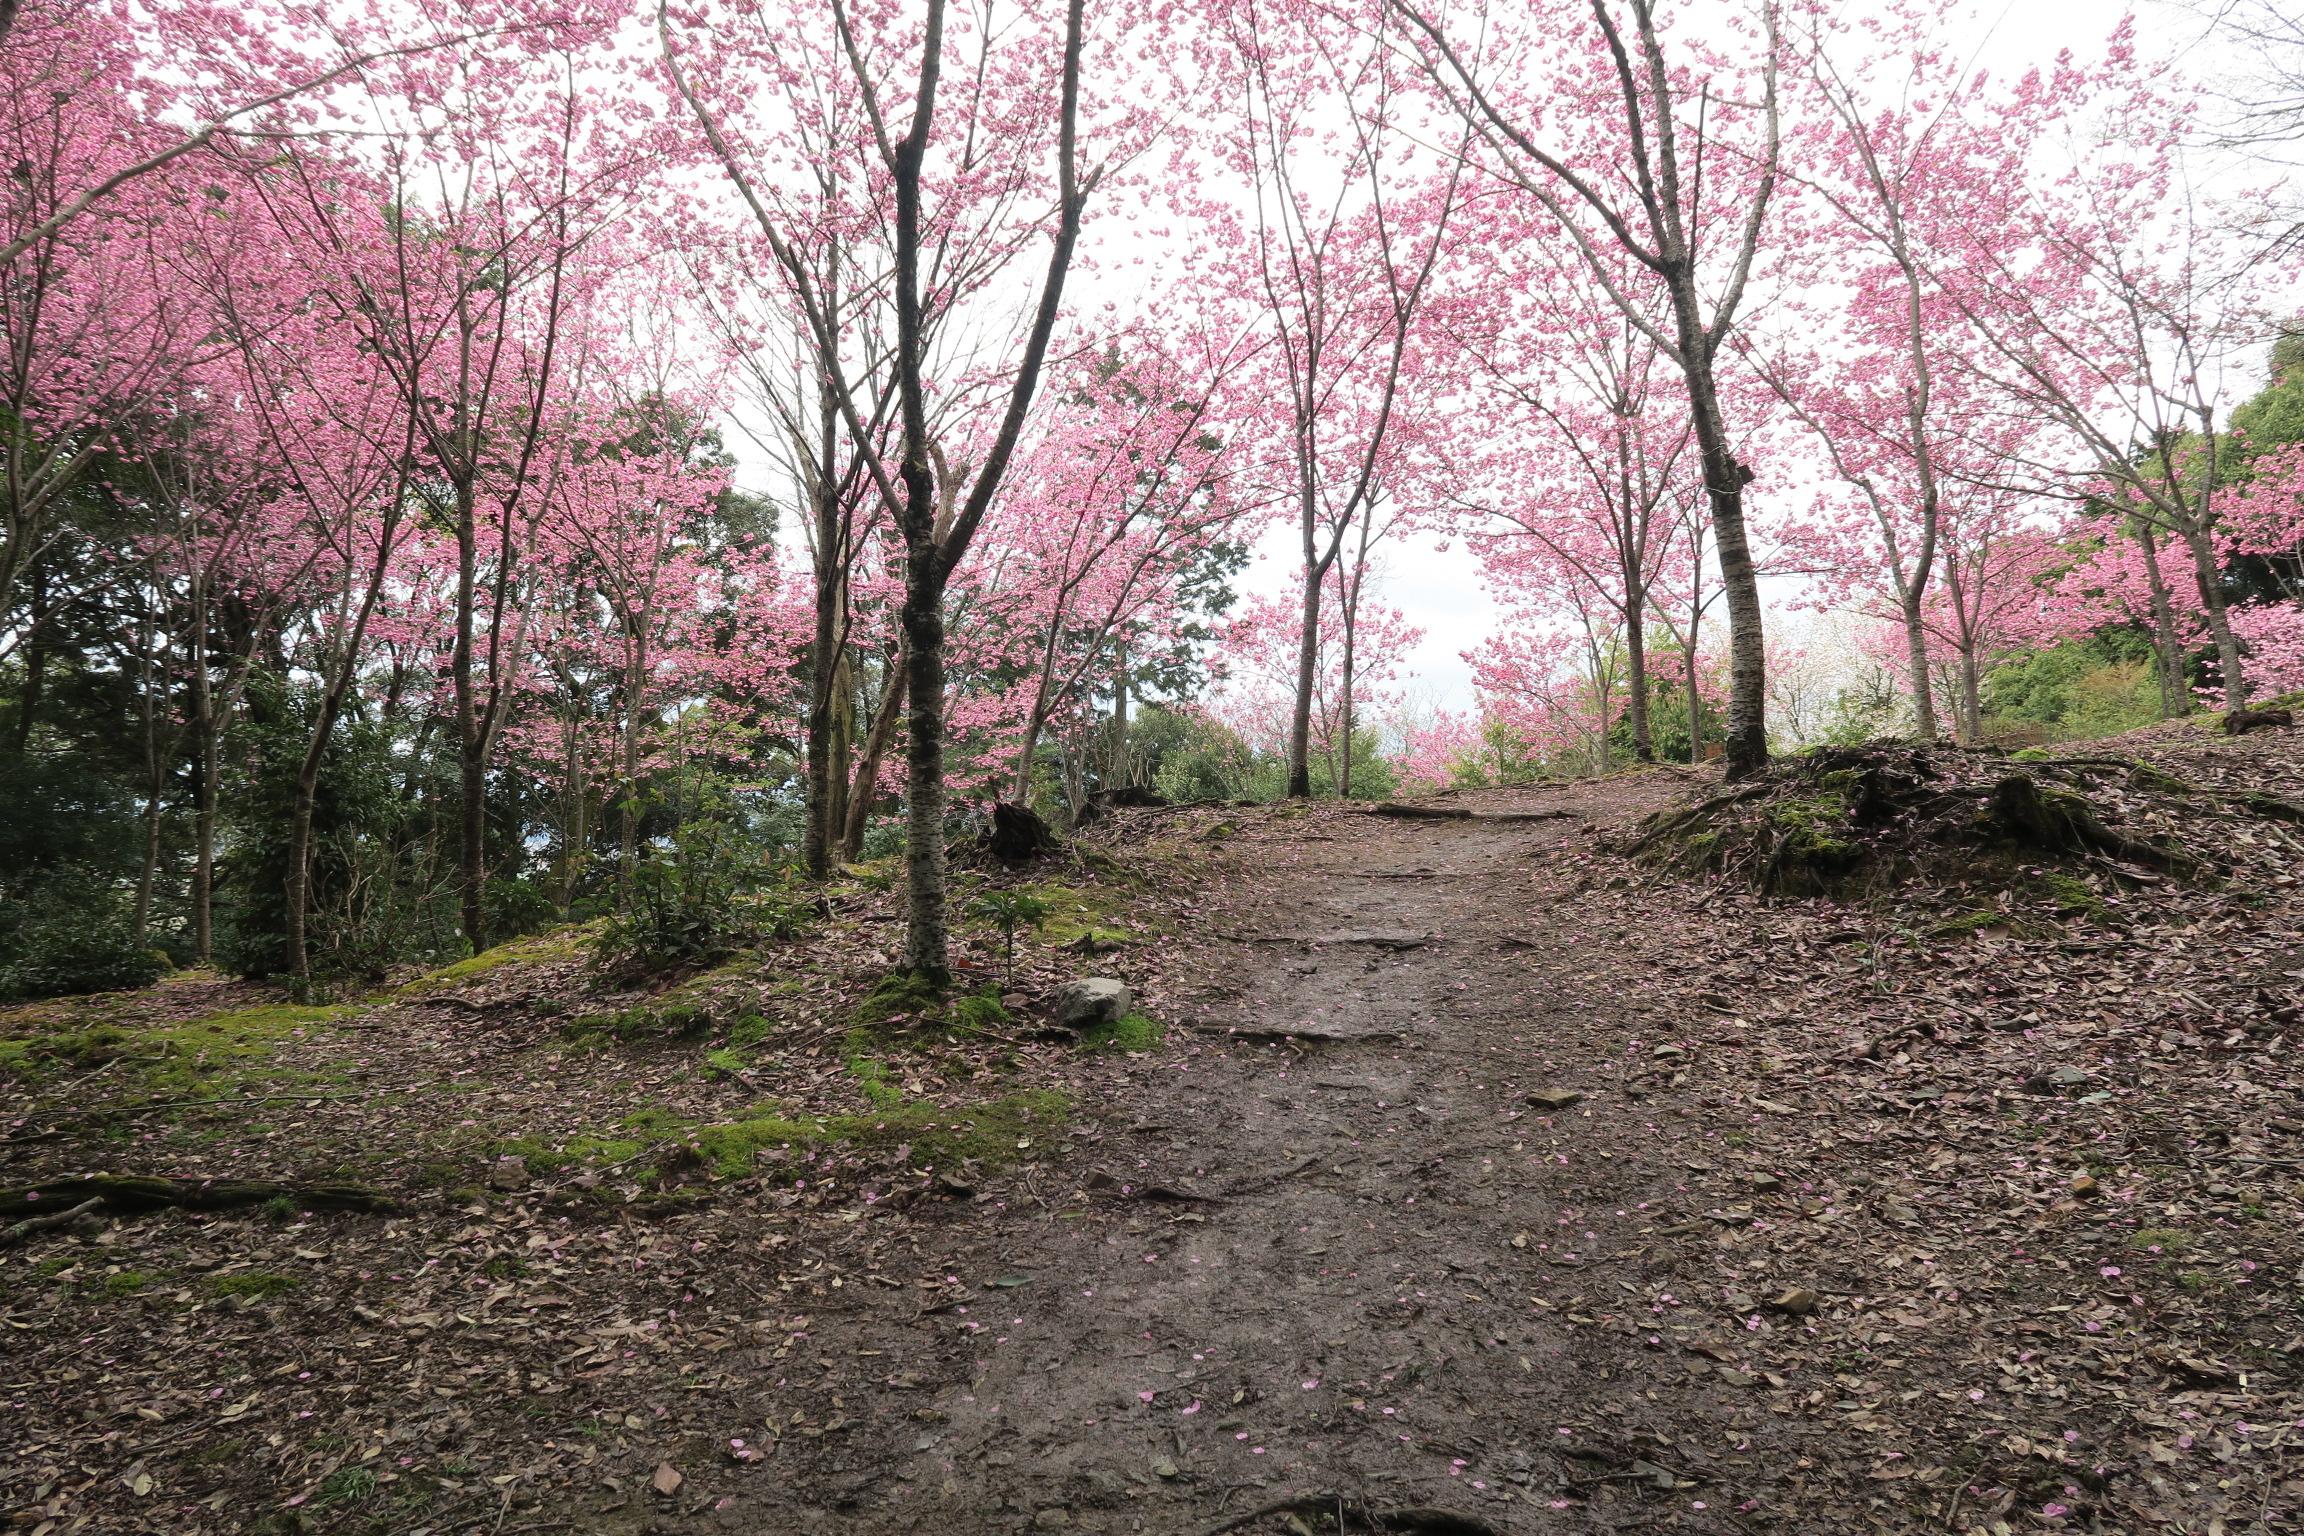 桃色に咲く桜がきれいでした!